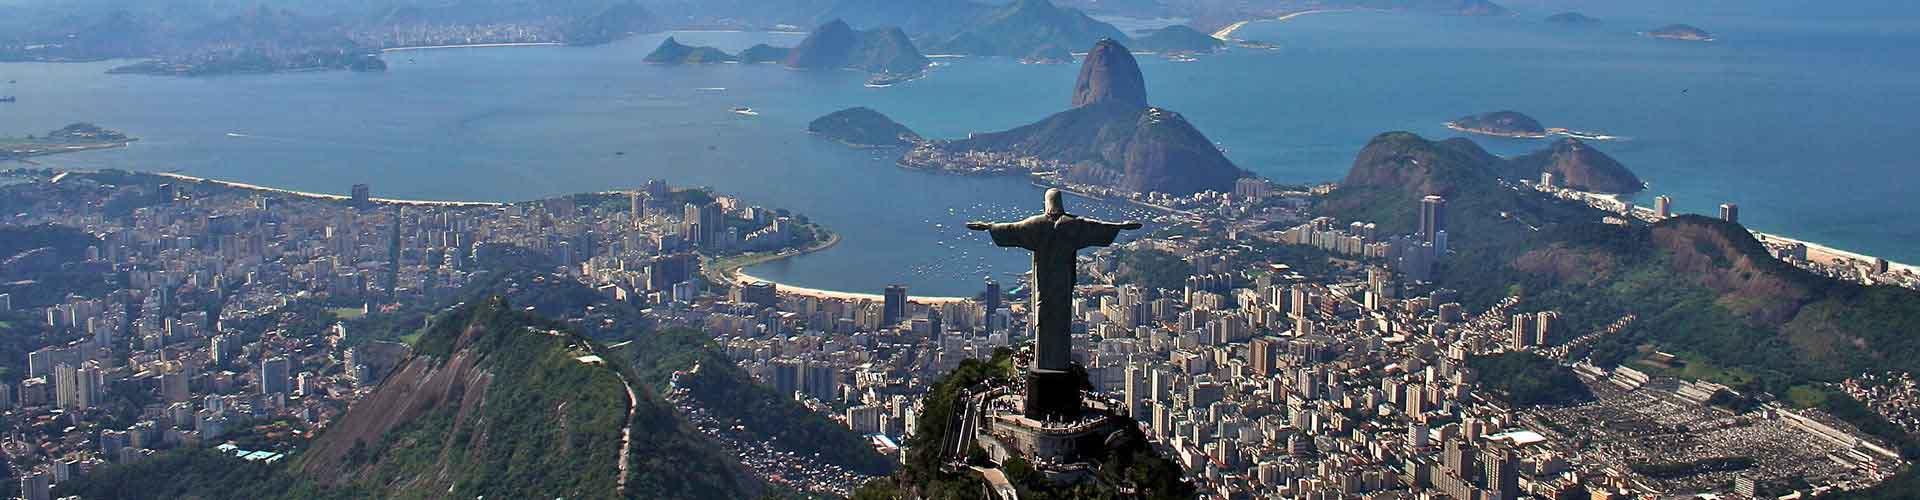 Rio de Janeiro - Ifjúsági Szállások Copacabana városrészen. Rio de Janeiro térképek, fotók, és ajánlások minden egyes ifjúsági szállásra Rio de Janeiro-ben